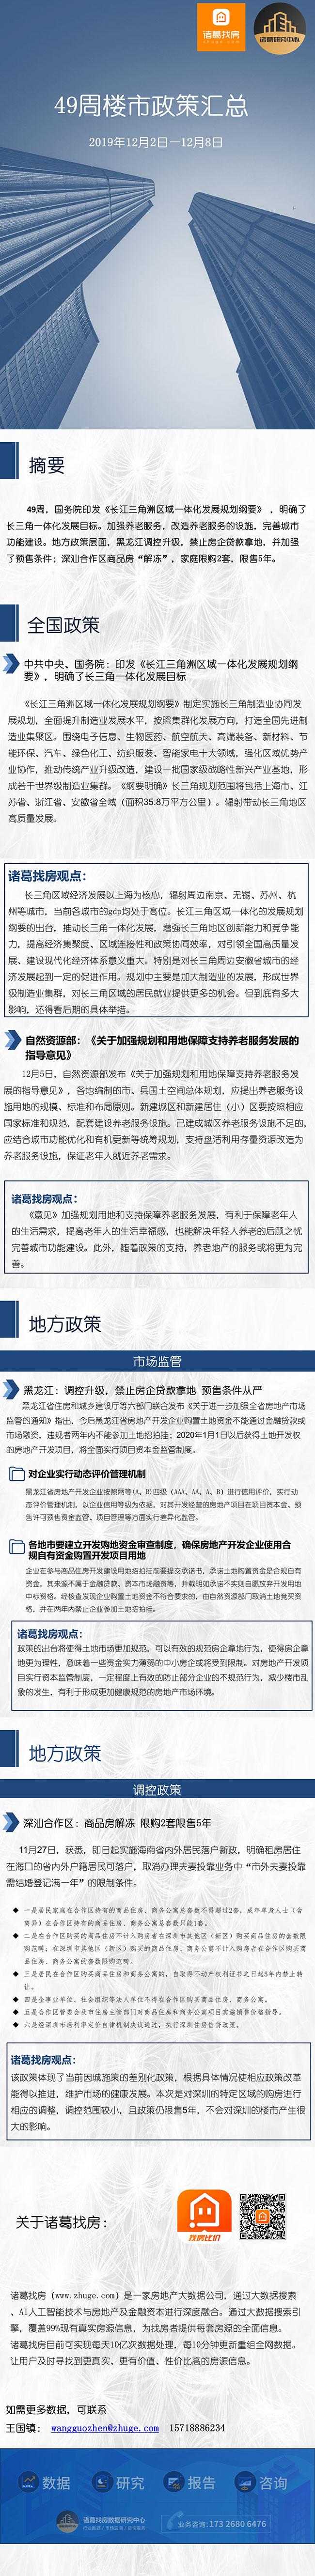 """地方调控分化,黑龙江调控升级,禁止房企贷款拿地,深汕合作区商品房""""解冻"""""""